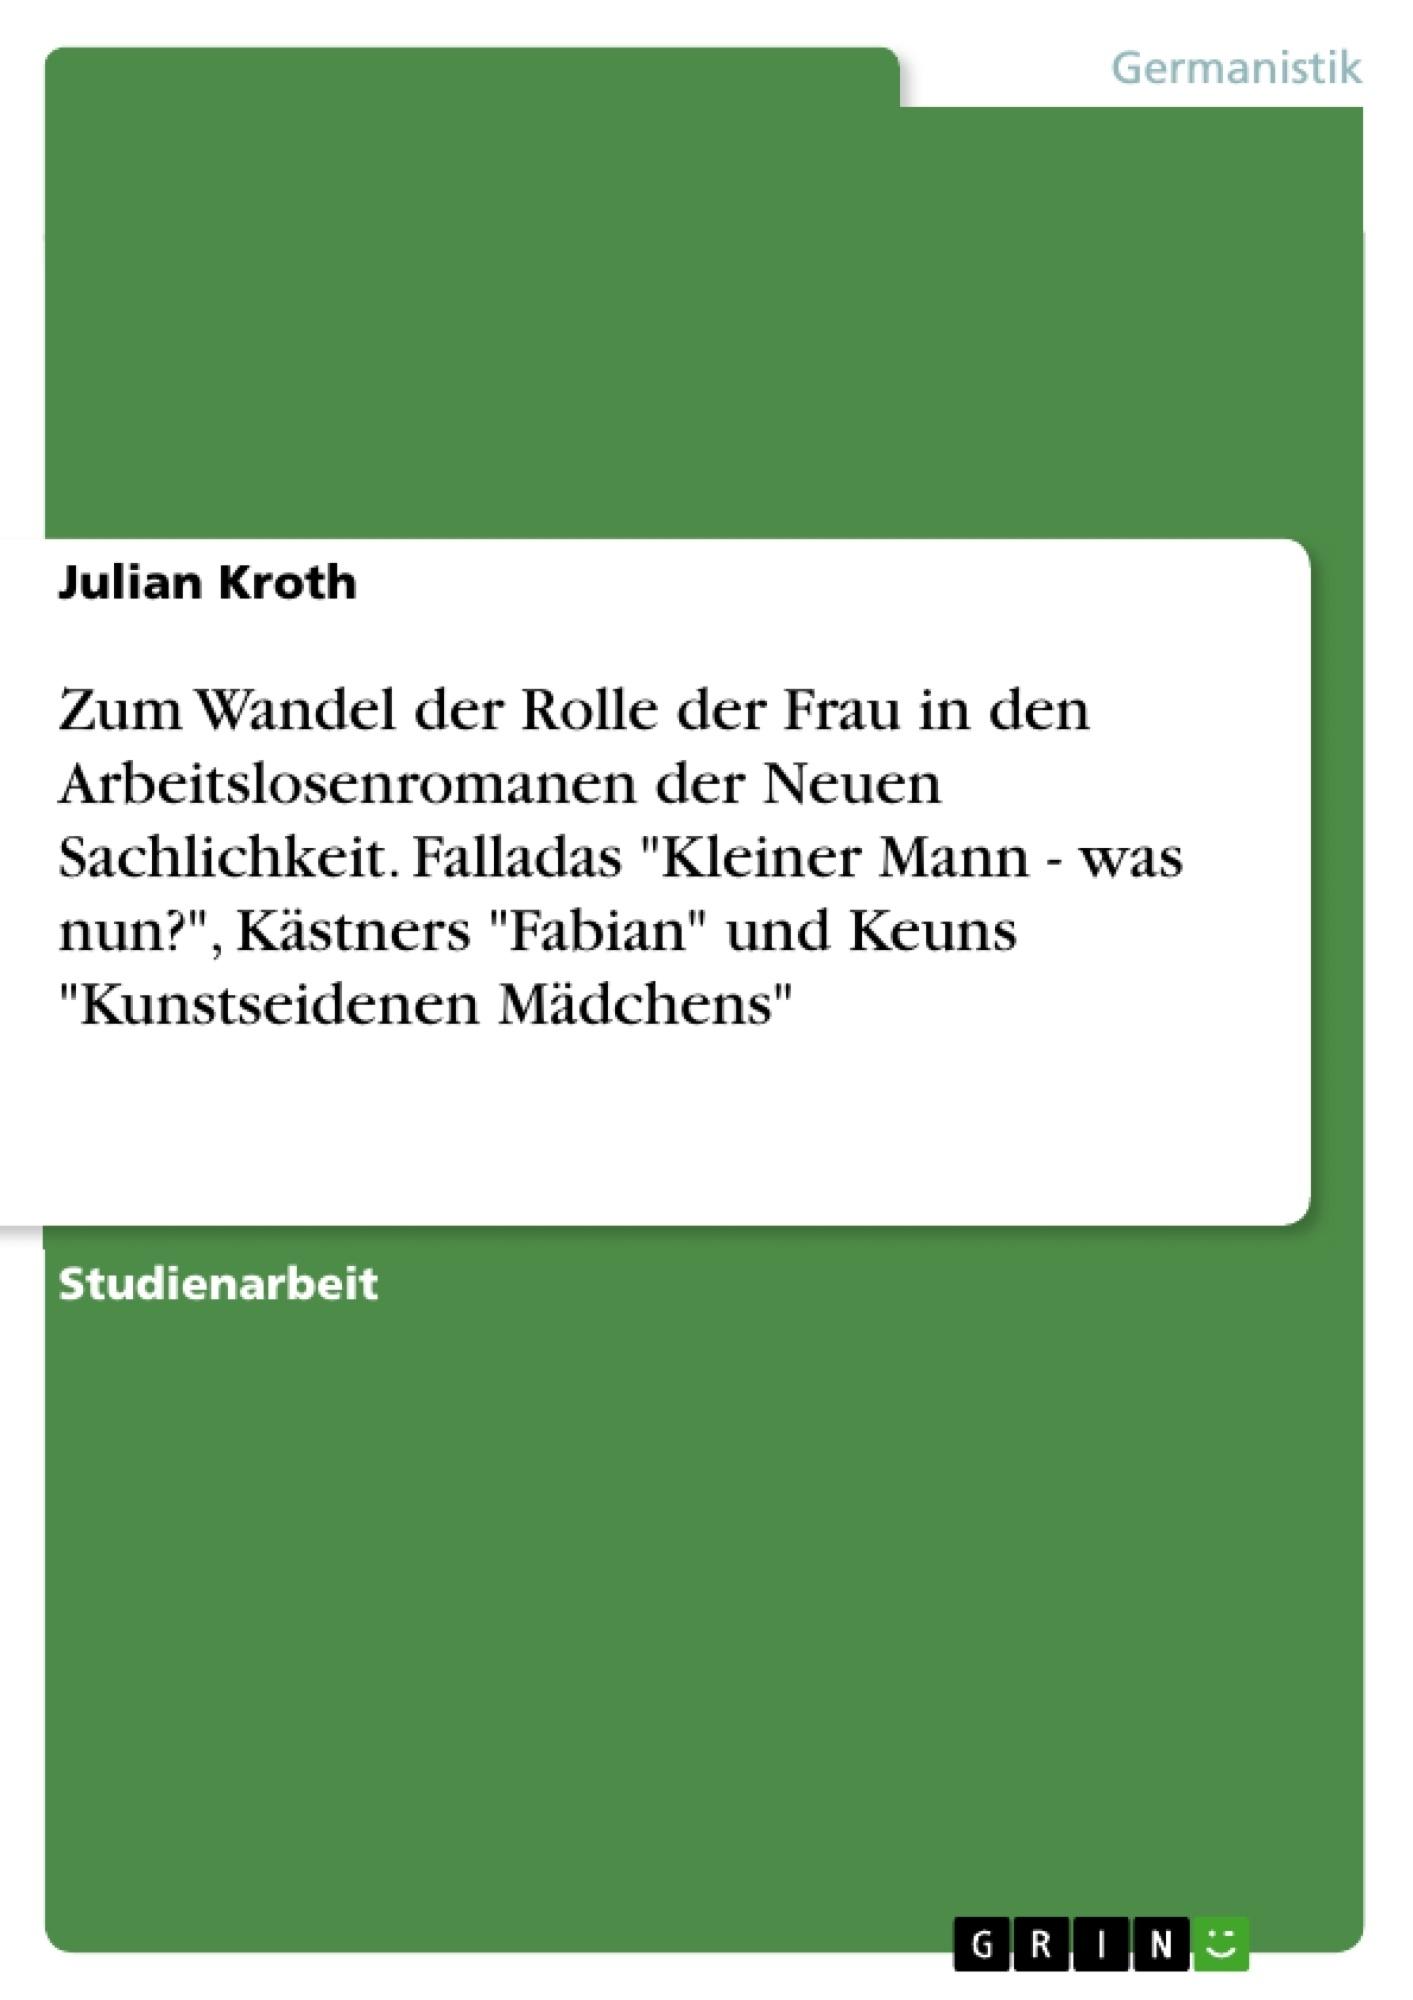 """Titel: Zum Wandel der Rolle der Frau in den Arbeitslosenromanen der Neuen Sachlichkeit. Falladas """"Kleiner Mann - was nun?"""", Kästners """"Fabian"""" und Keuns """"Kunstseidenen Mädchens"""""""